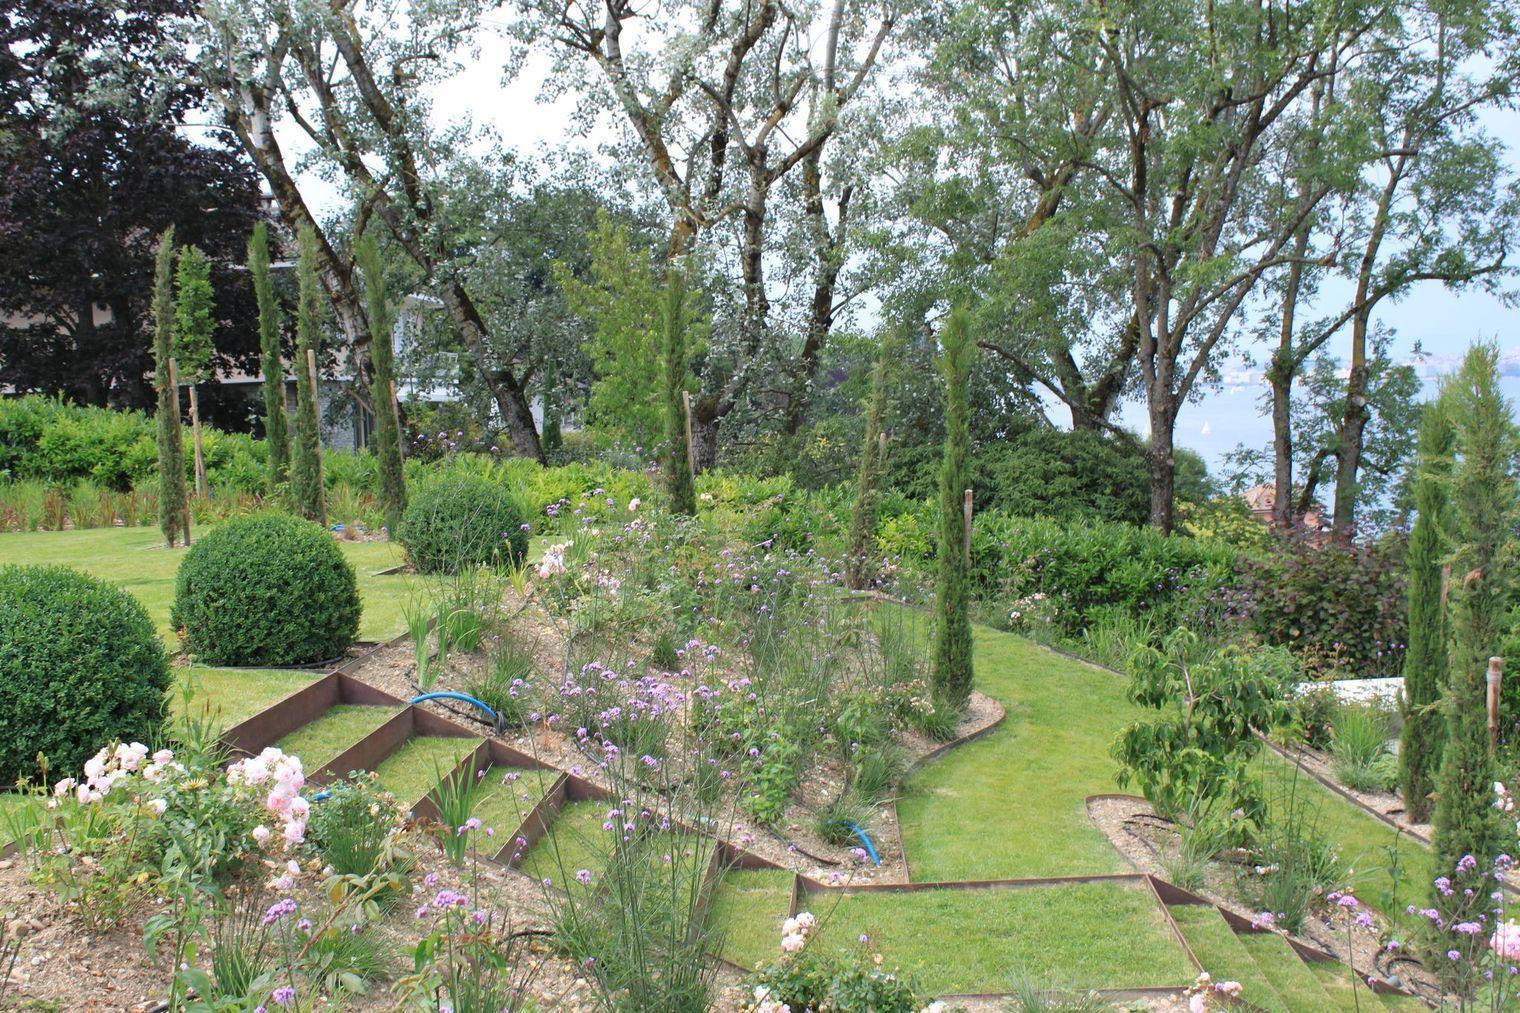 Amenagement D Un Jardin En Pente Jardin En Pente Comment Amenager Son Jardin Et Amenagement Jardin